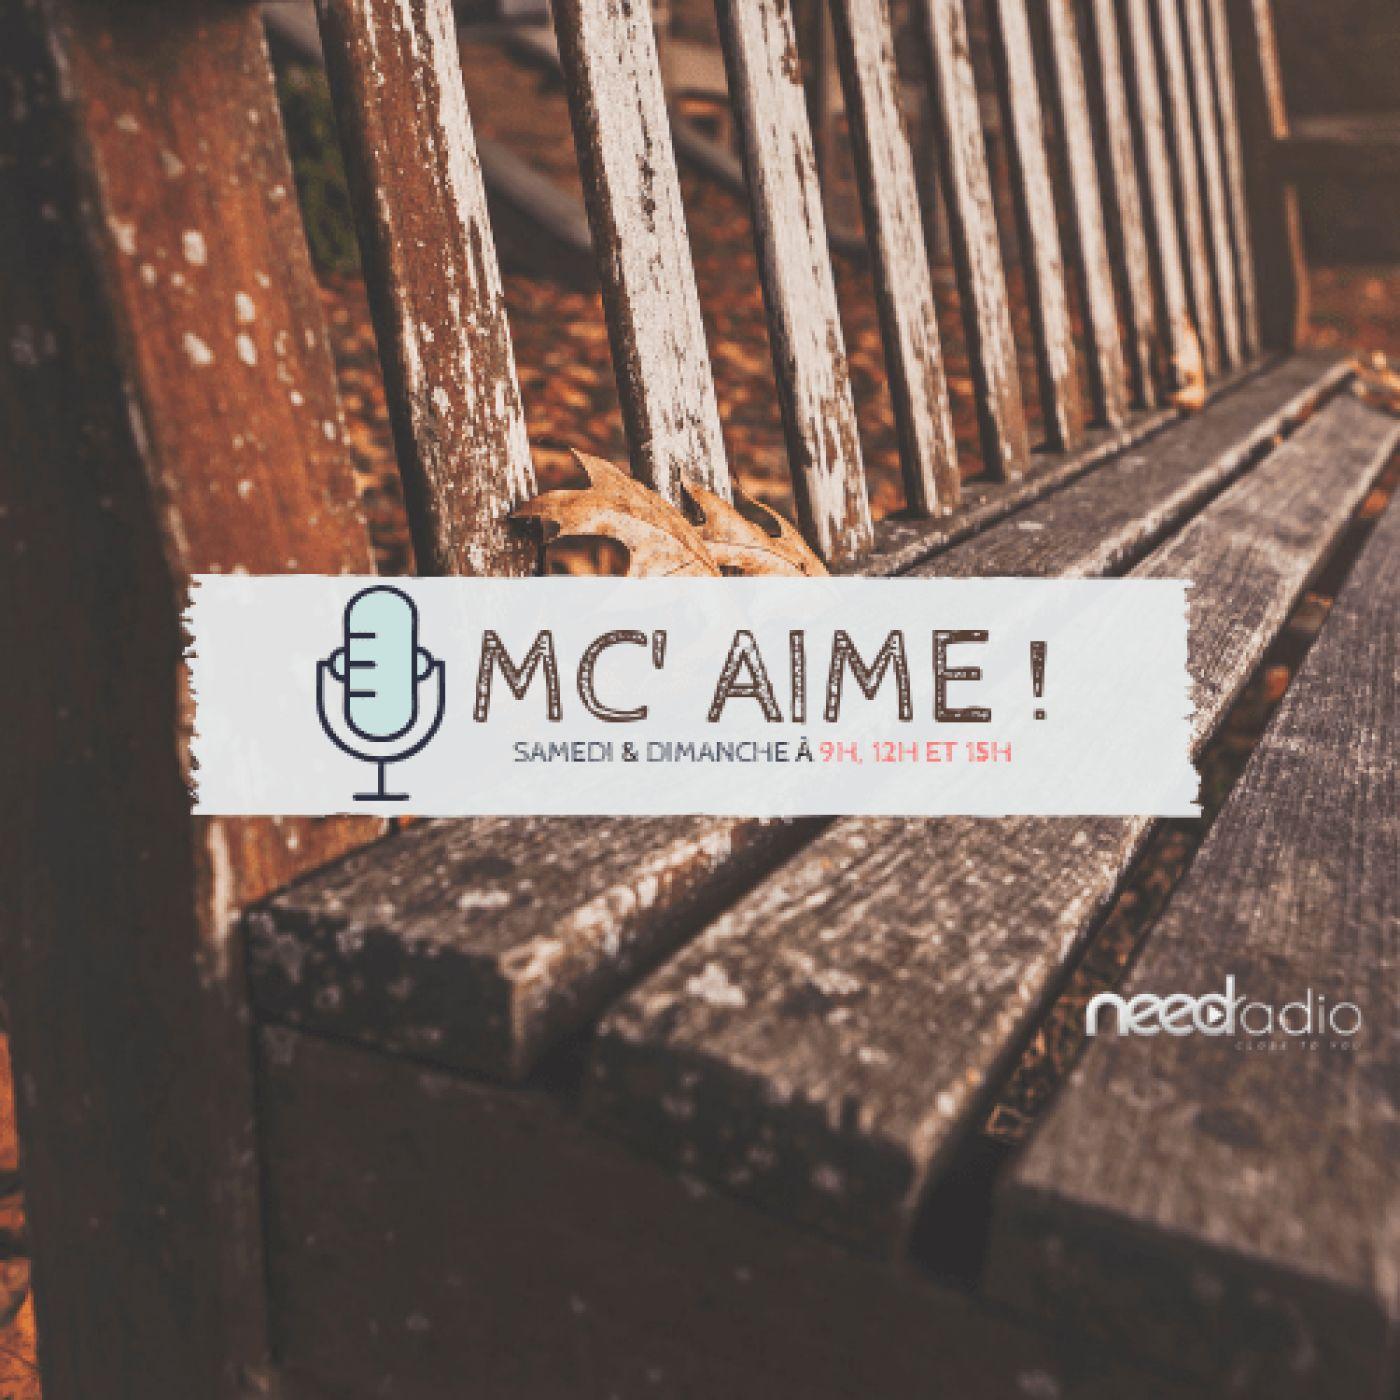 MC' Aime - Vivian Maier et une femme en contre-jour de Gaelle Josse